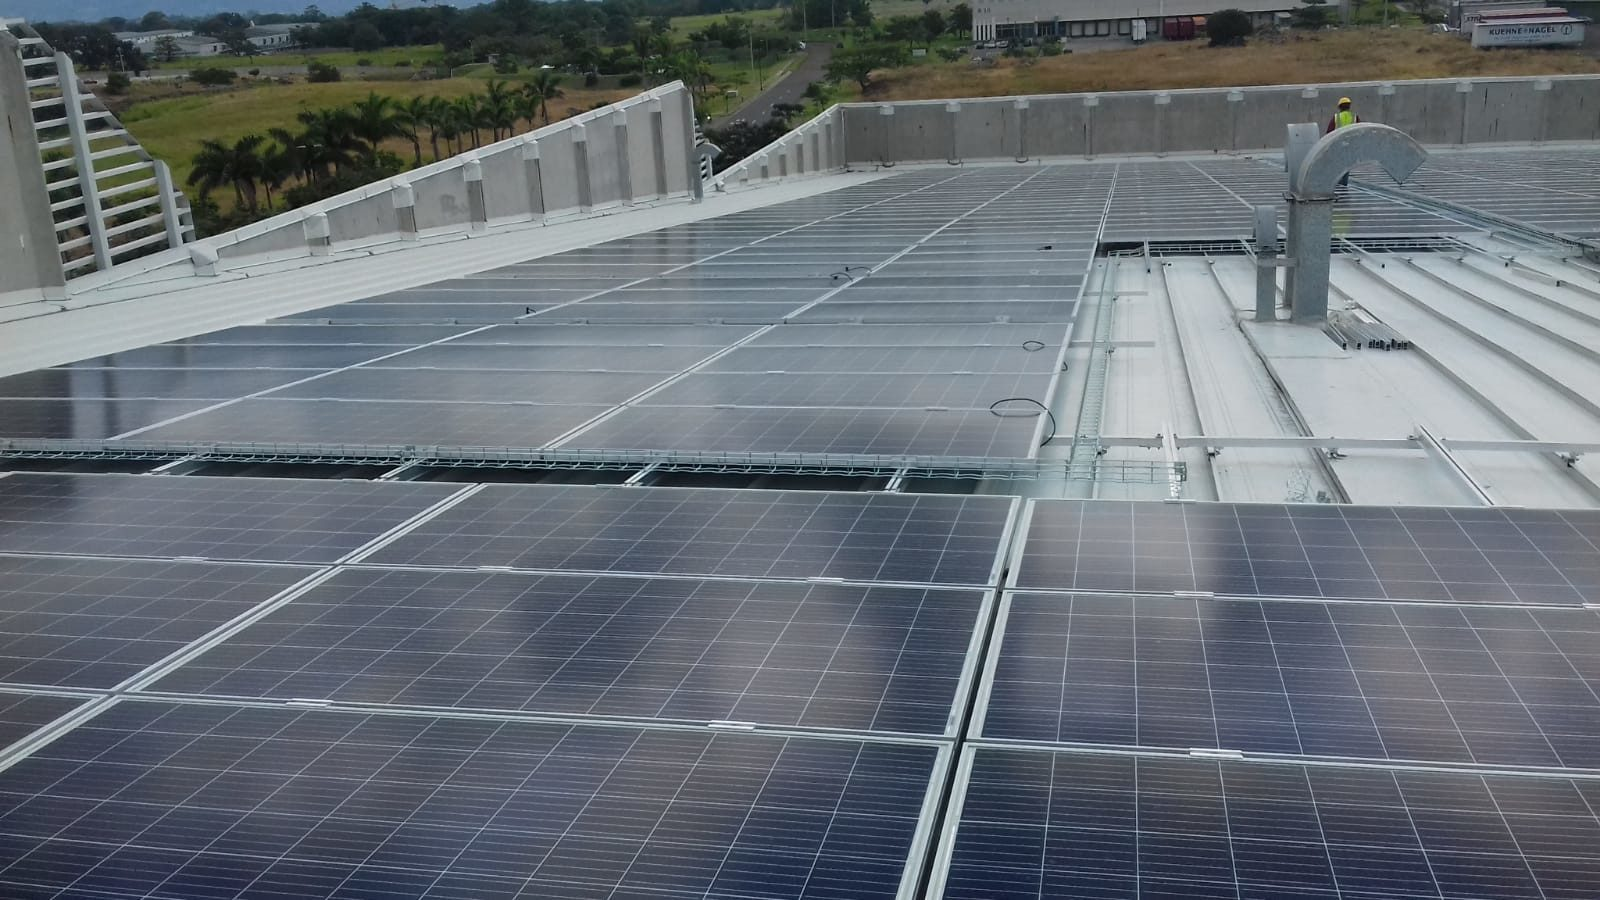 Instalación solar sobre cubierta: 488 kWp (Costa Rica)